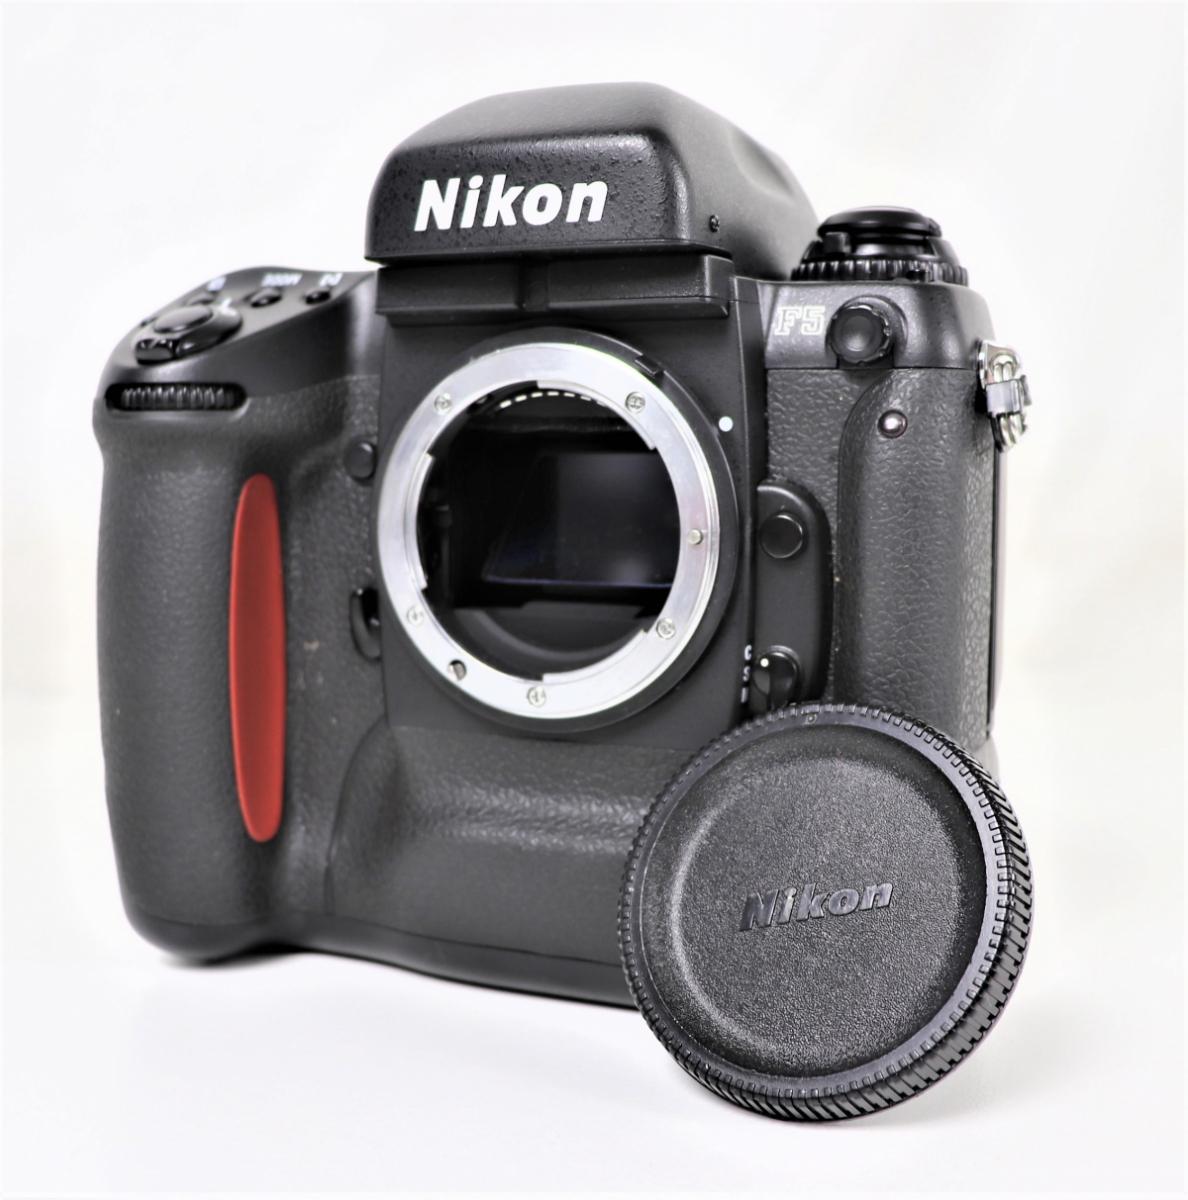 【名機】NIKON ニコン MF-28 フィルムカメラ F5 3059826 一眼レフ FK031FFP39